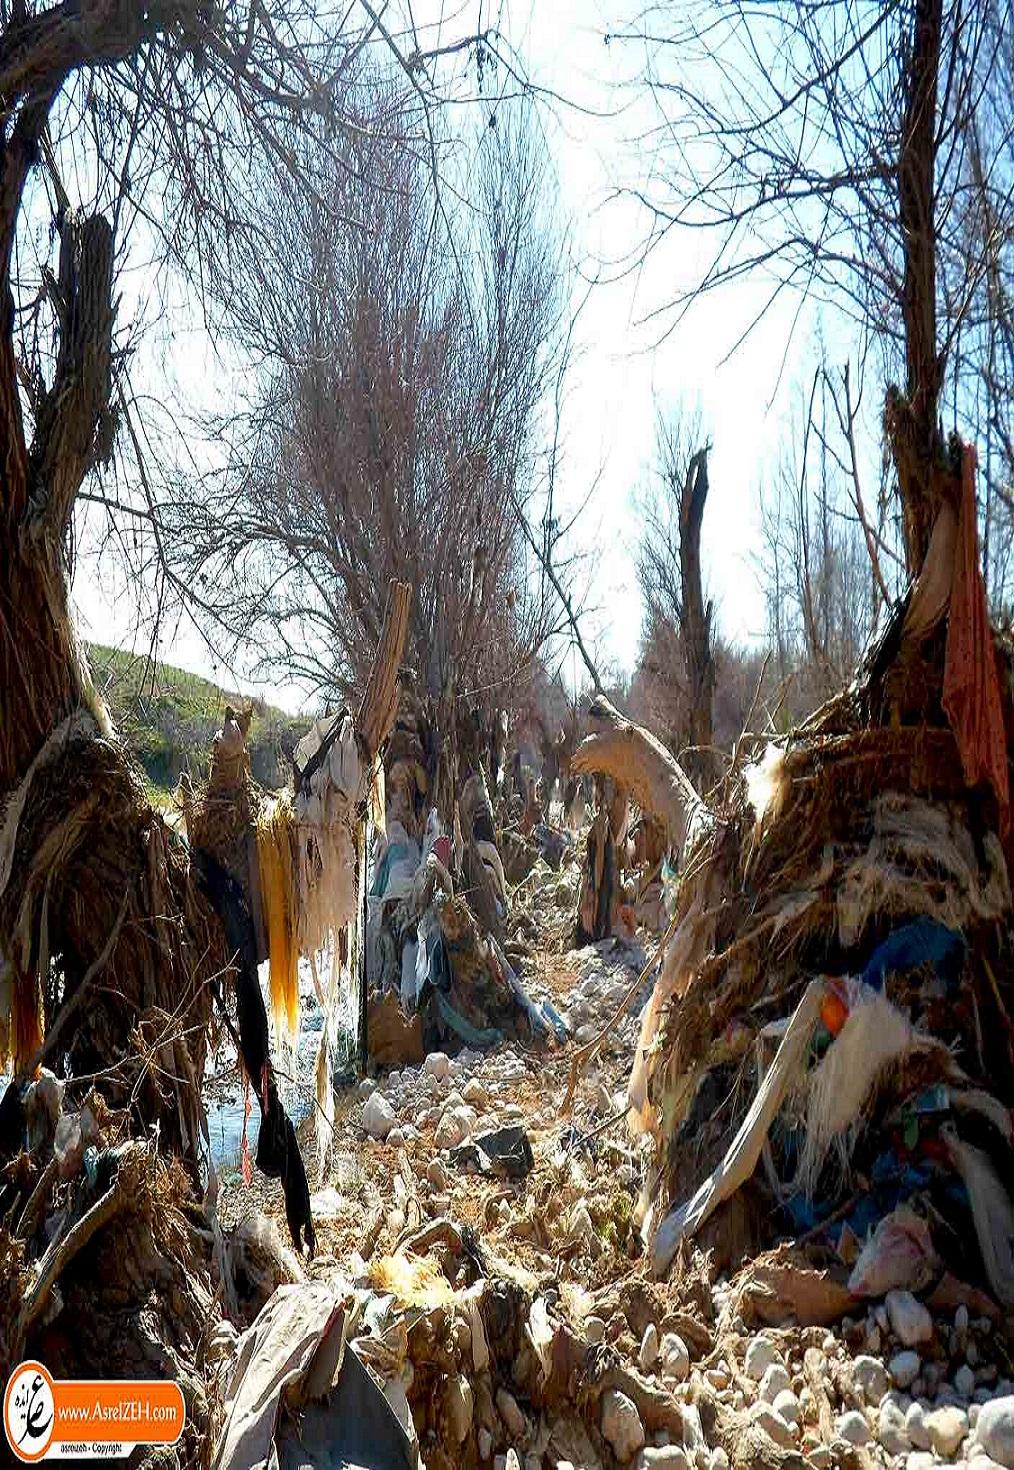 مرثیهای برای درختان زباله گیر در ایذه/ فاجعهای زیست محیطی که از دید مسئولین پنهان مانده + تصاویر